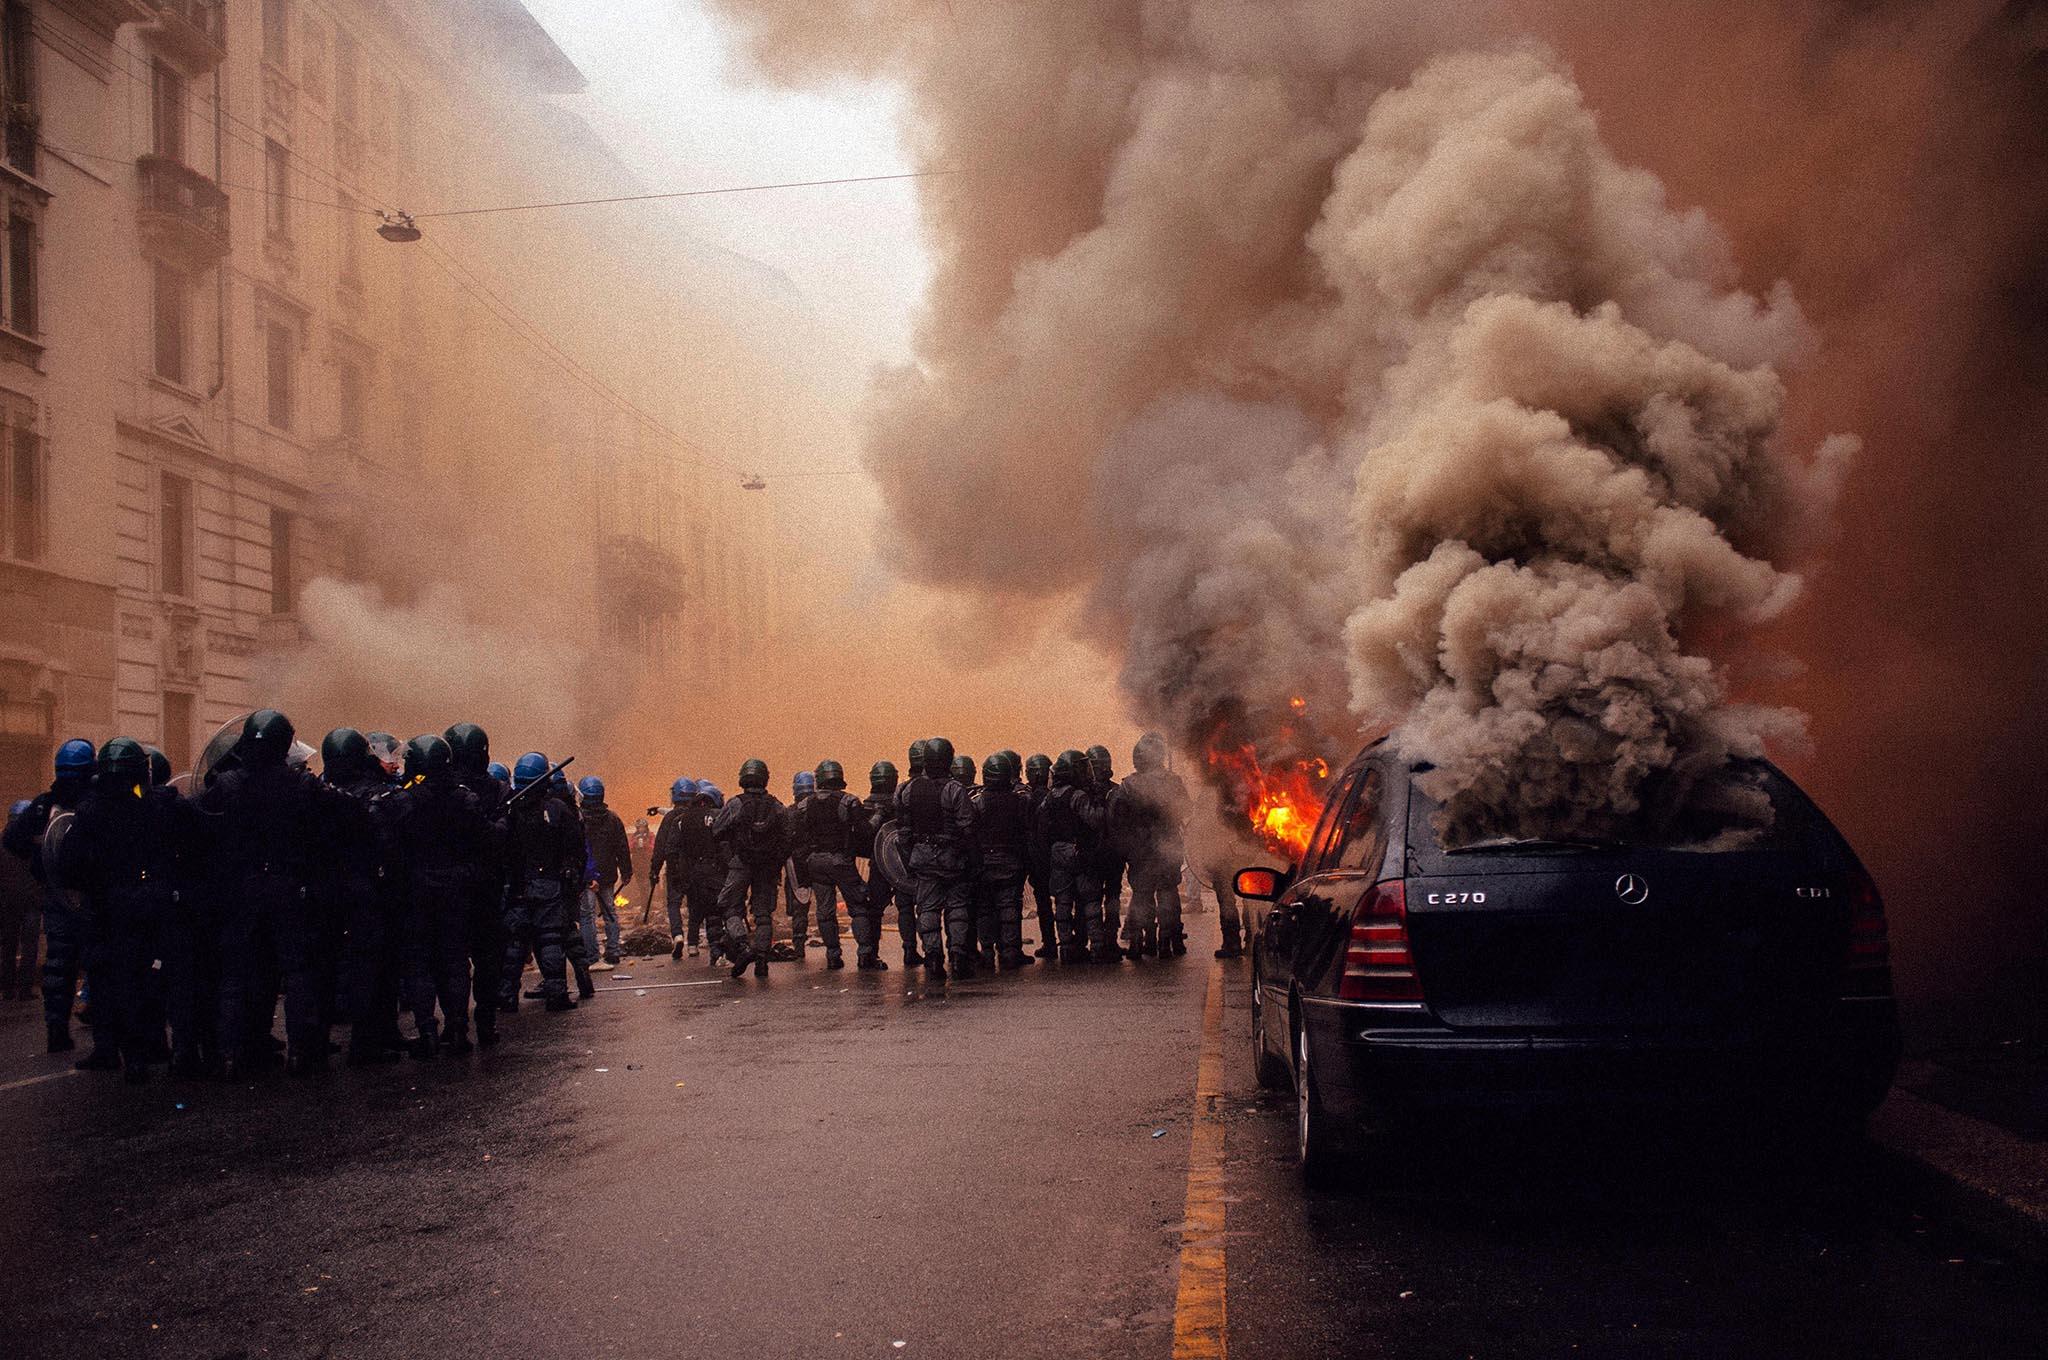 brennendes Auto auf der Straße